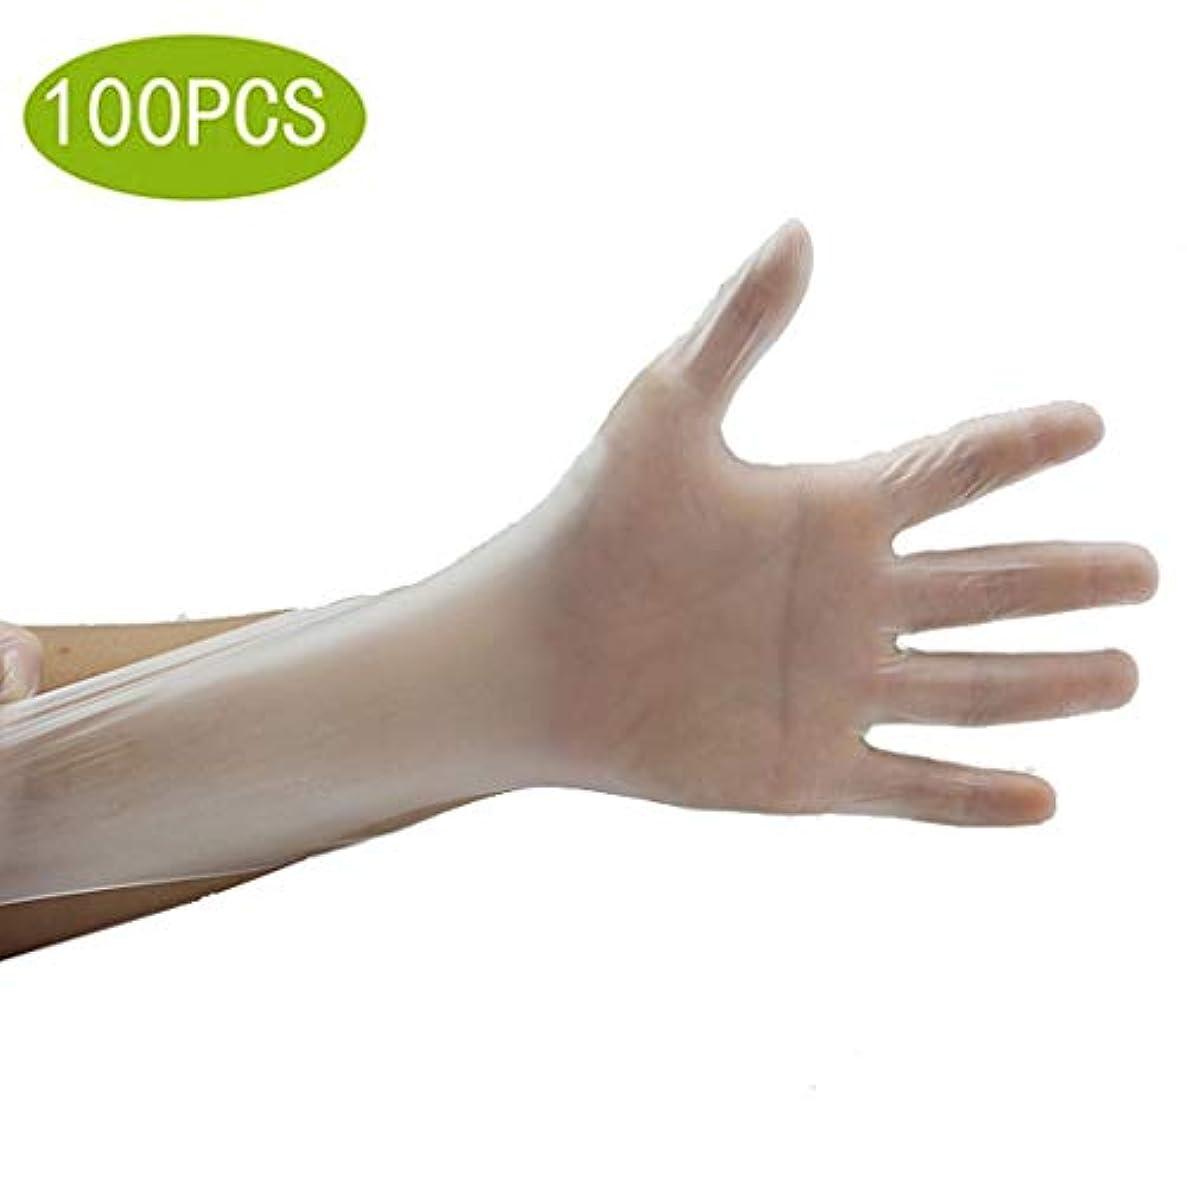 不名誉な回想取るに足らない使い捨てビニール手袋、無菌、パウダーフリー、スムースタッチ、フードサービスグレード、ミディアムサイズ[100パック] (Color : White)